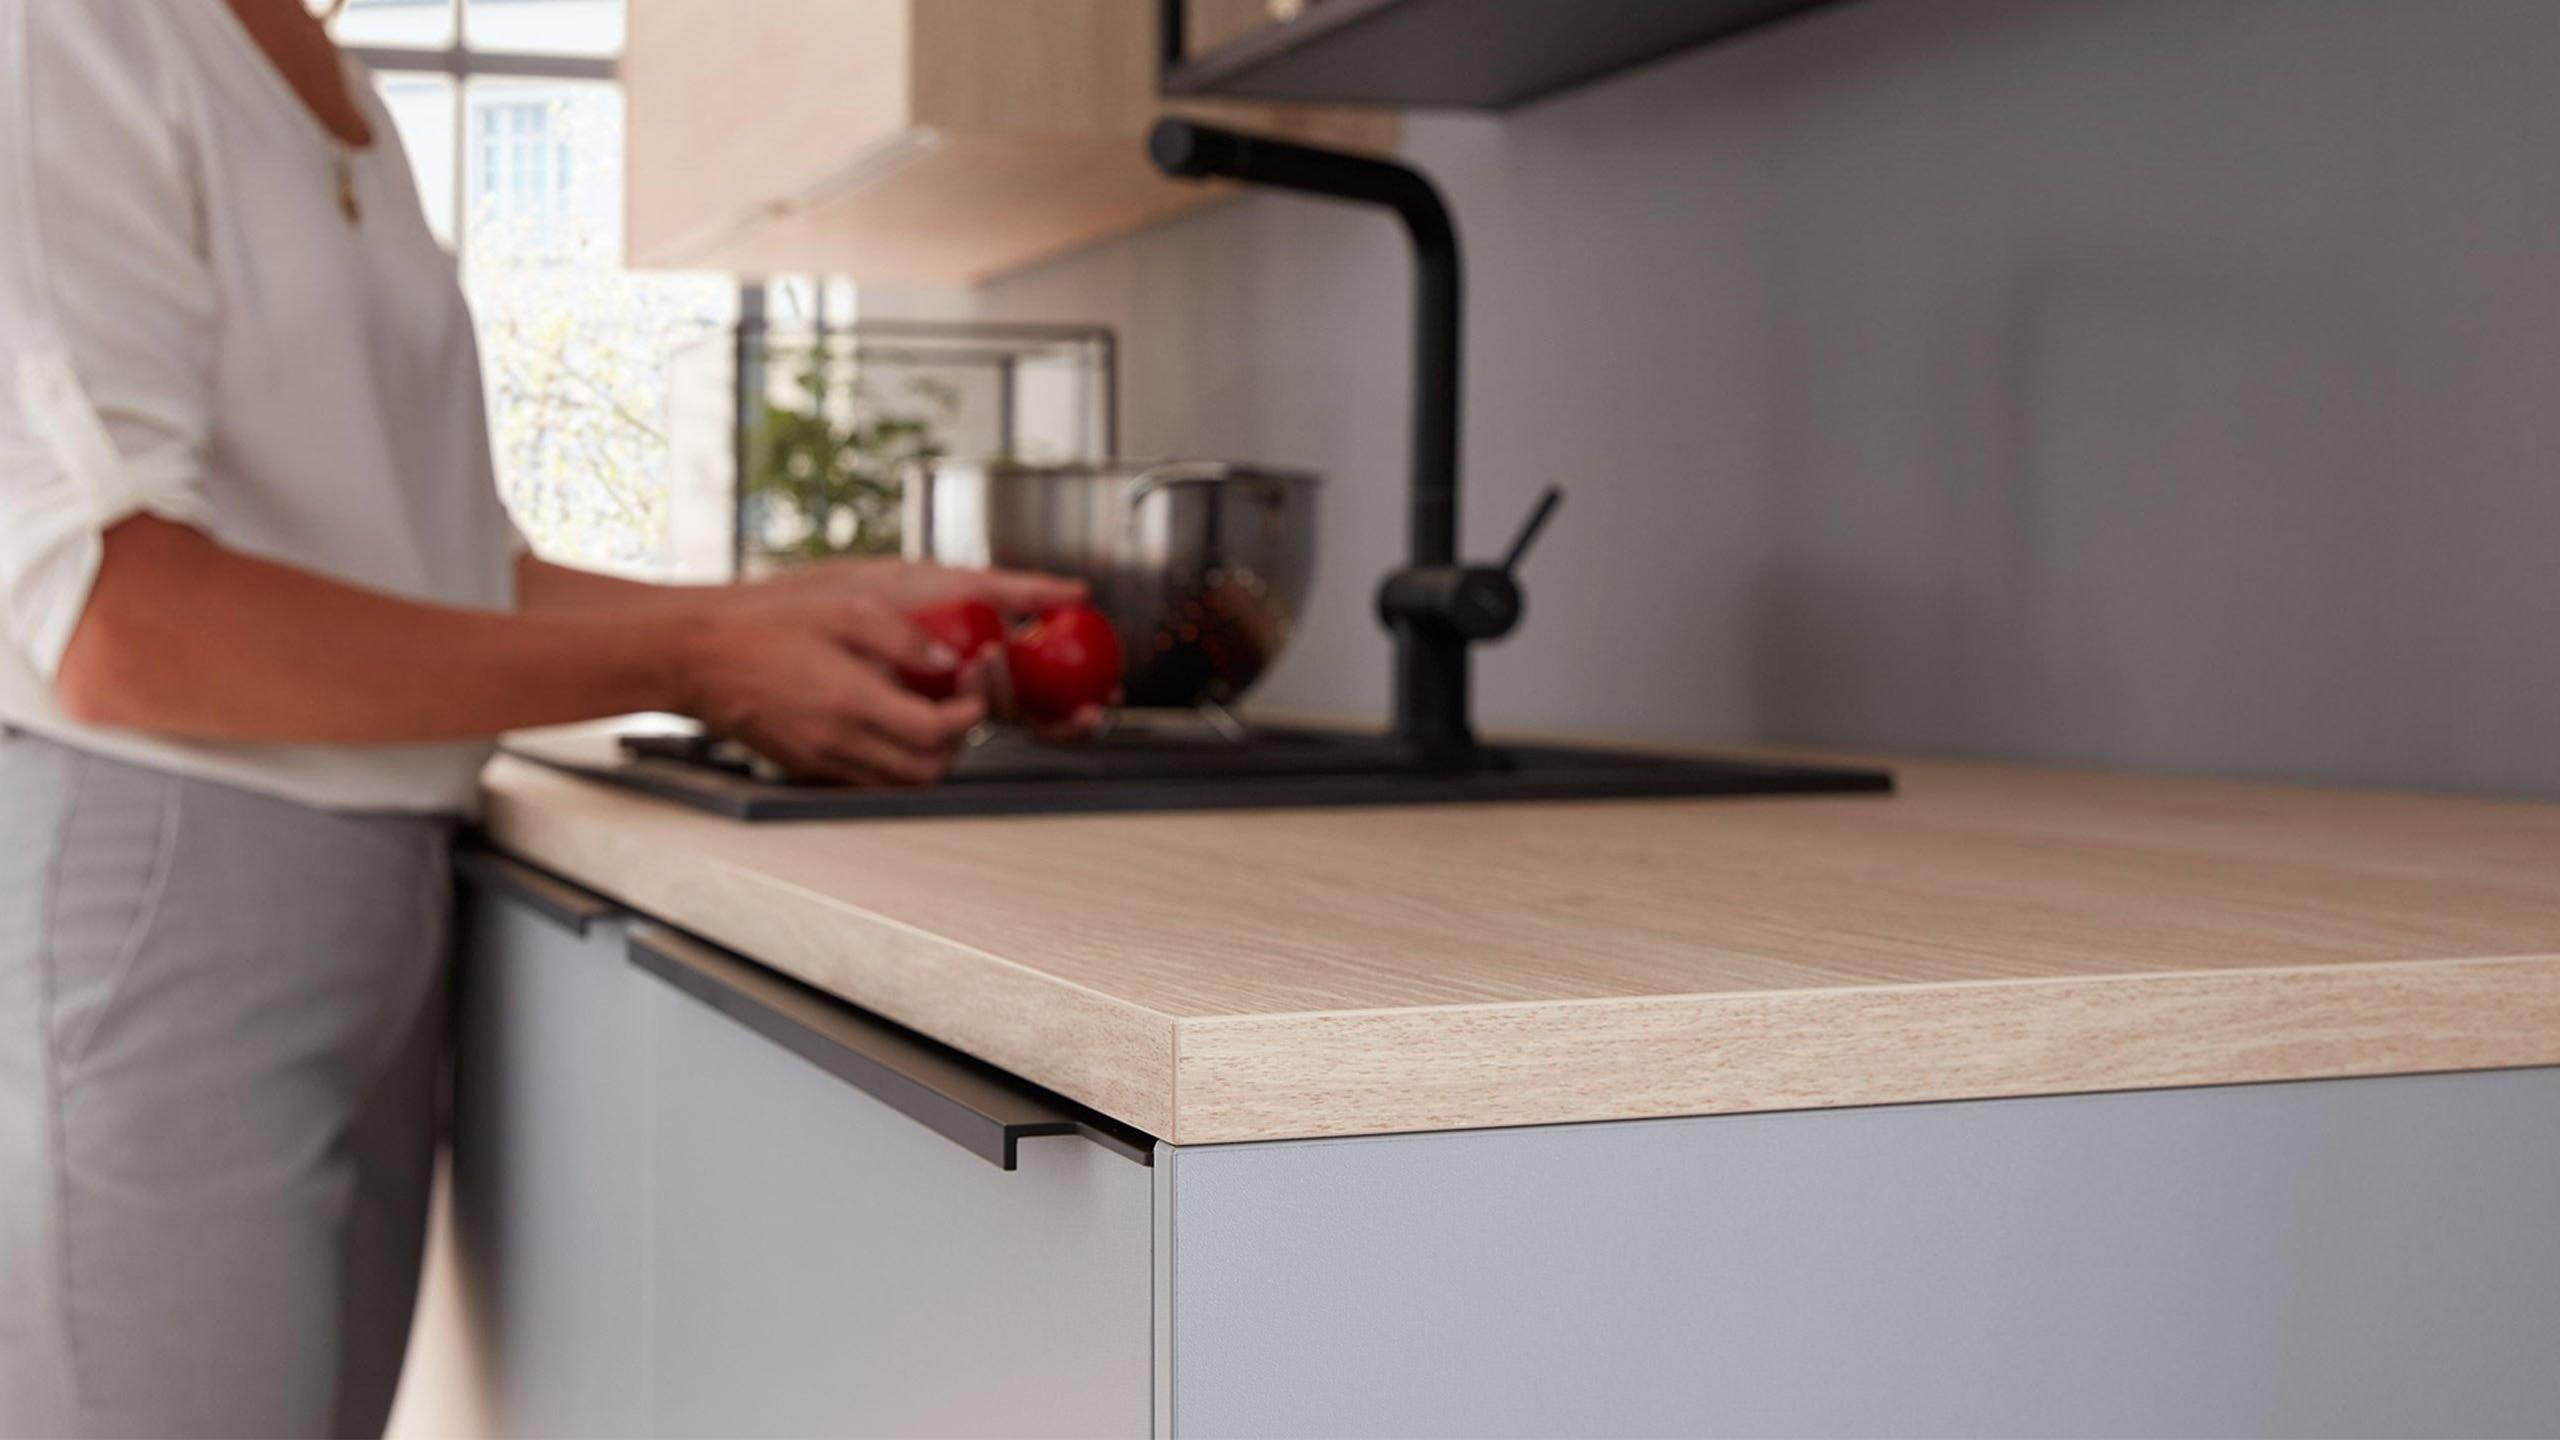 Küchentipps: Arbeitsplatte richtig reinigen